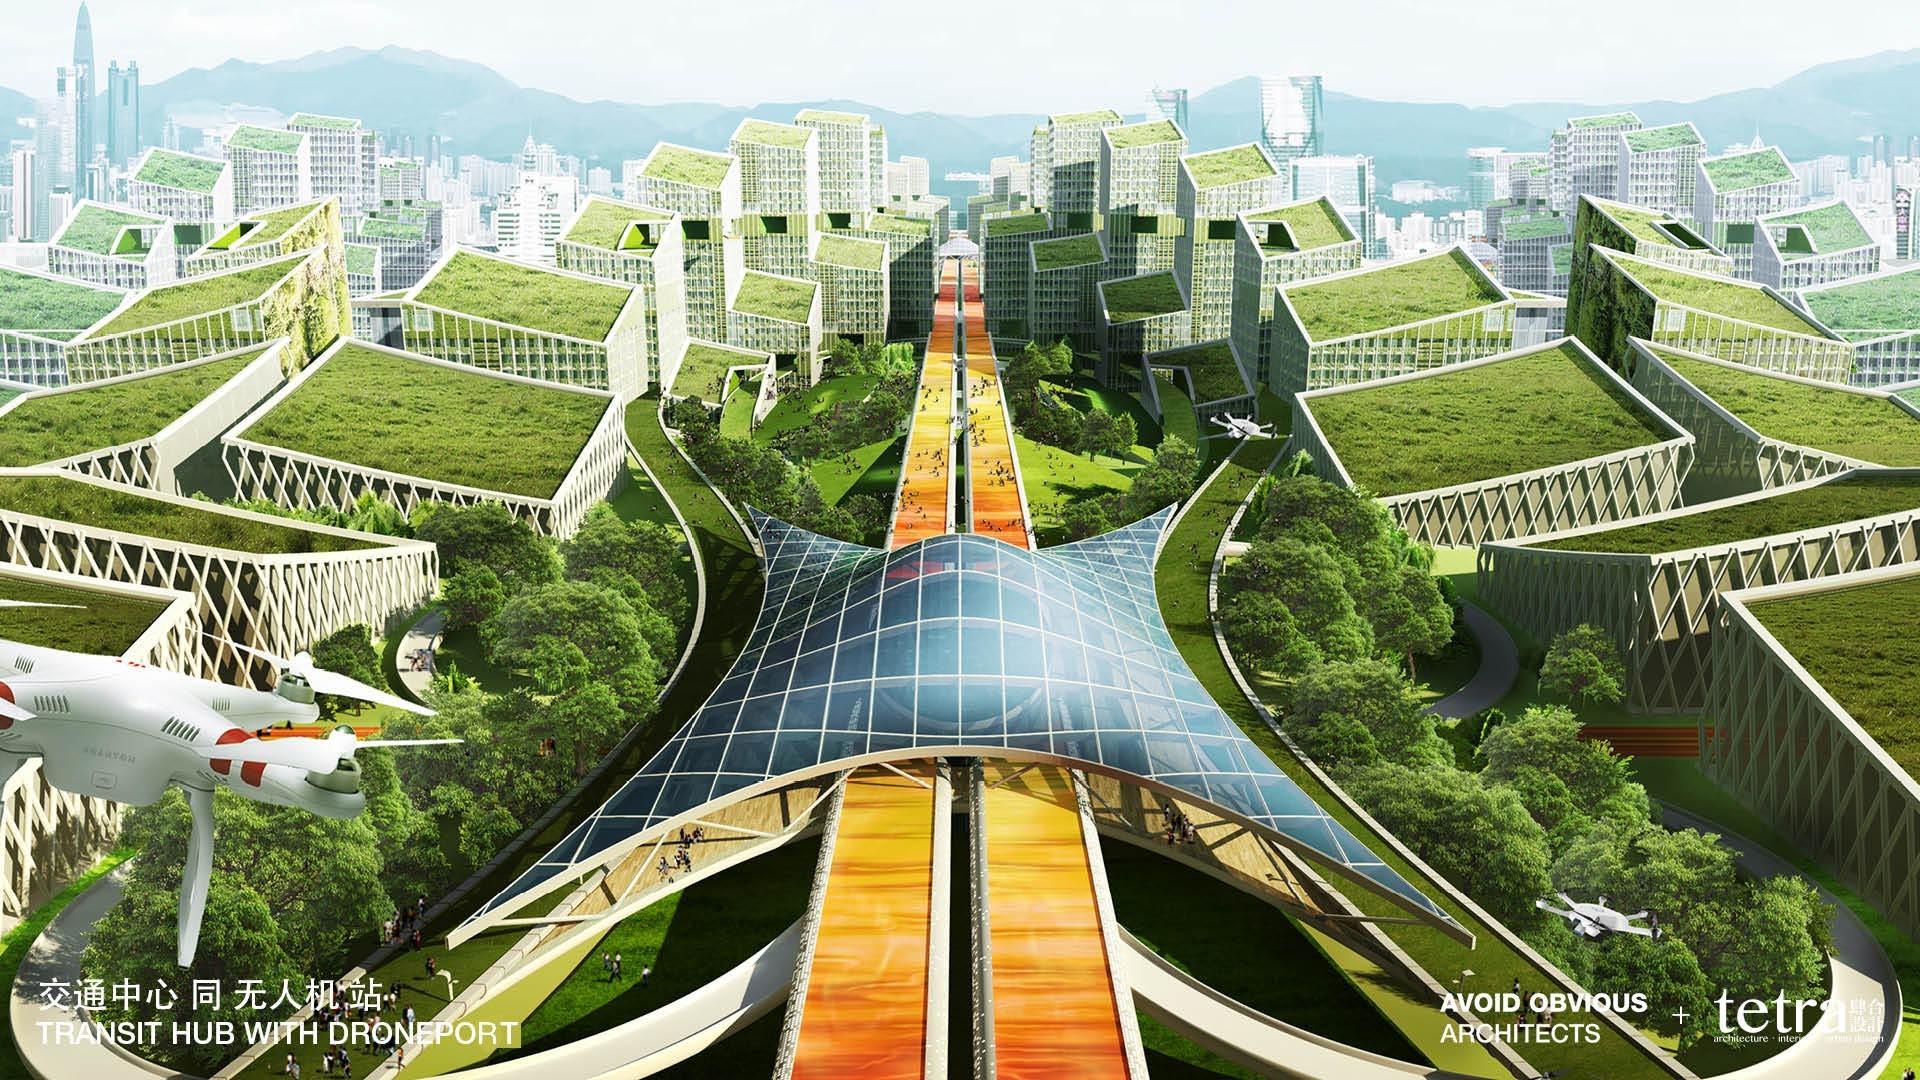 Concepção artística da futurista cidade de Shenzhen, na China. (Foto: aoarchitect)